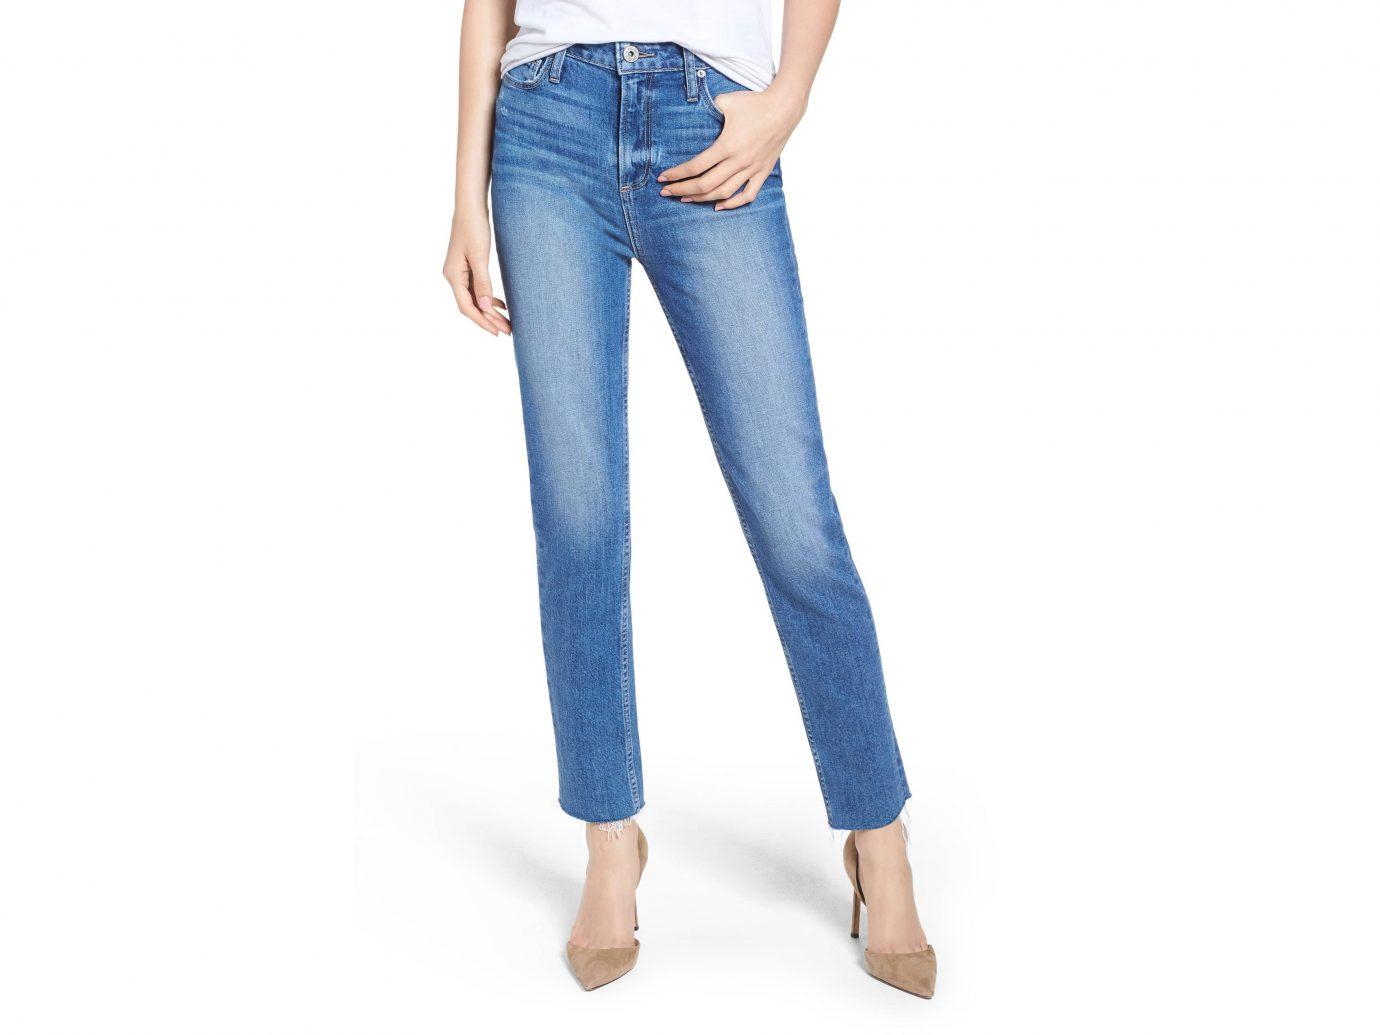 PAIGE Vintage Hoxton High Waist Slim Raw Hem Jeans